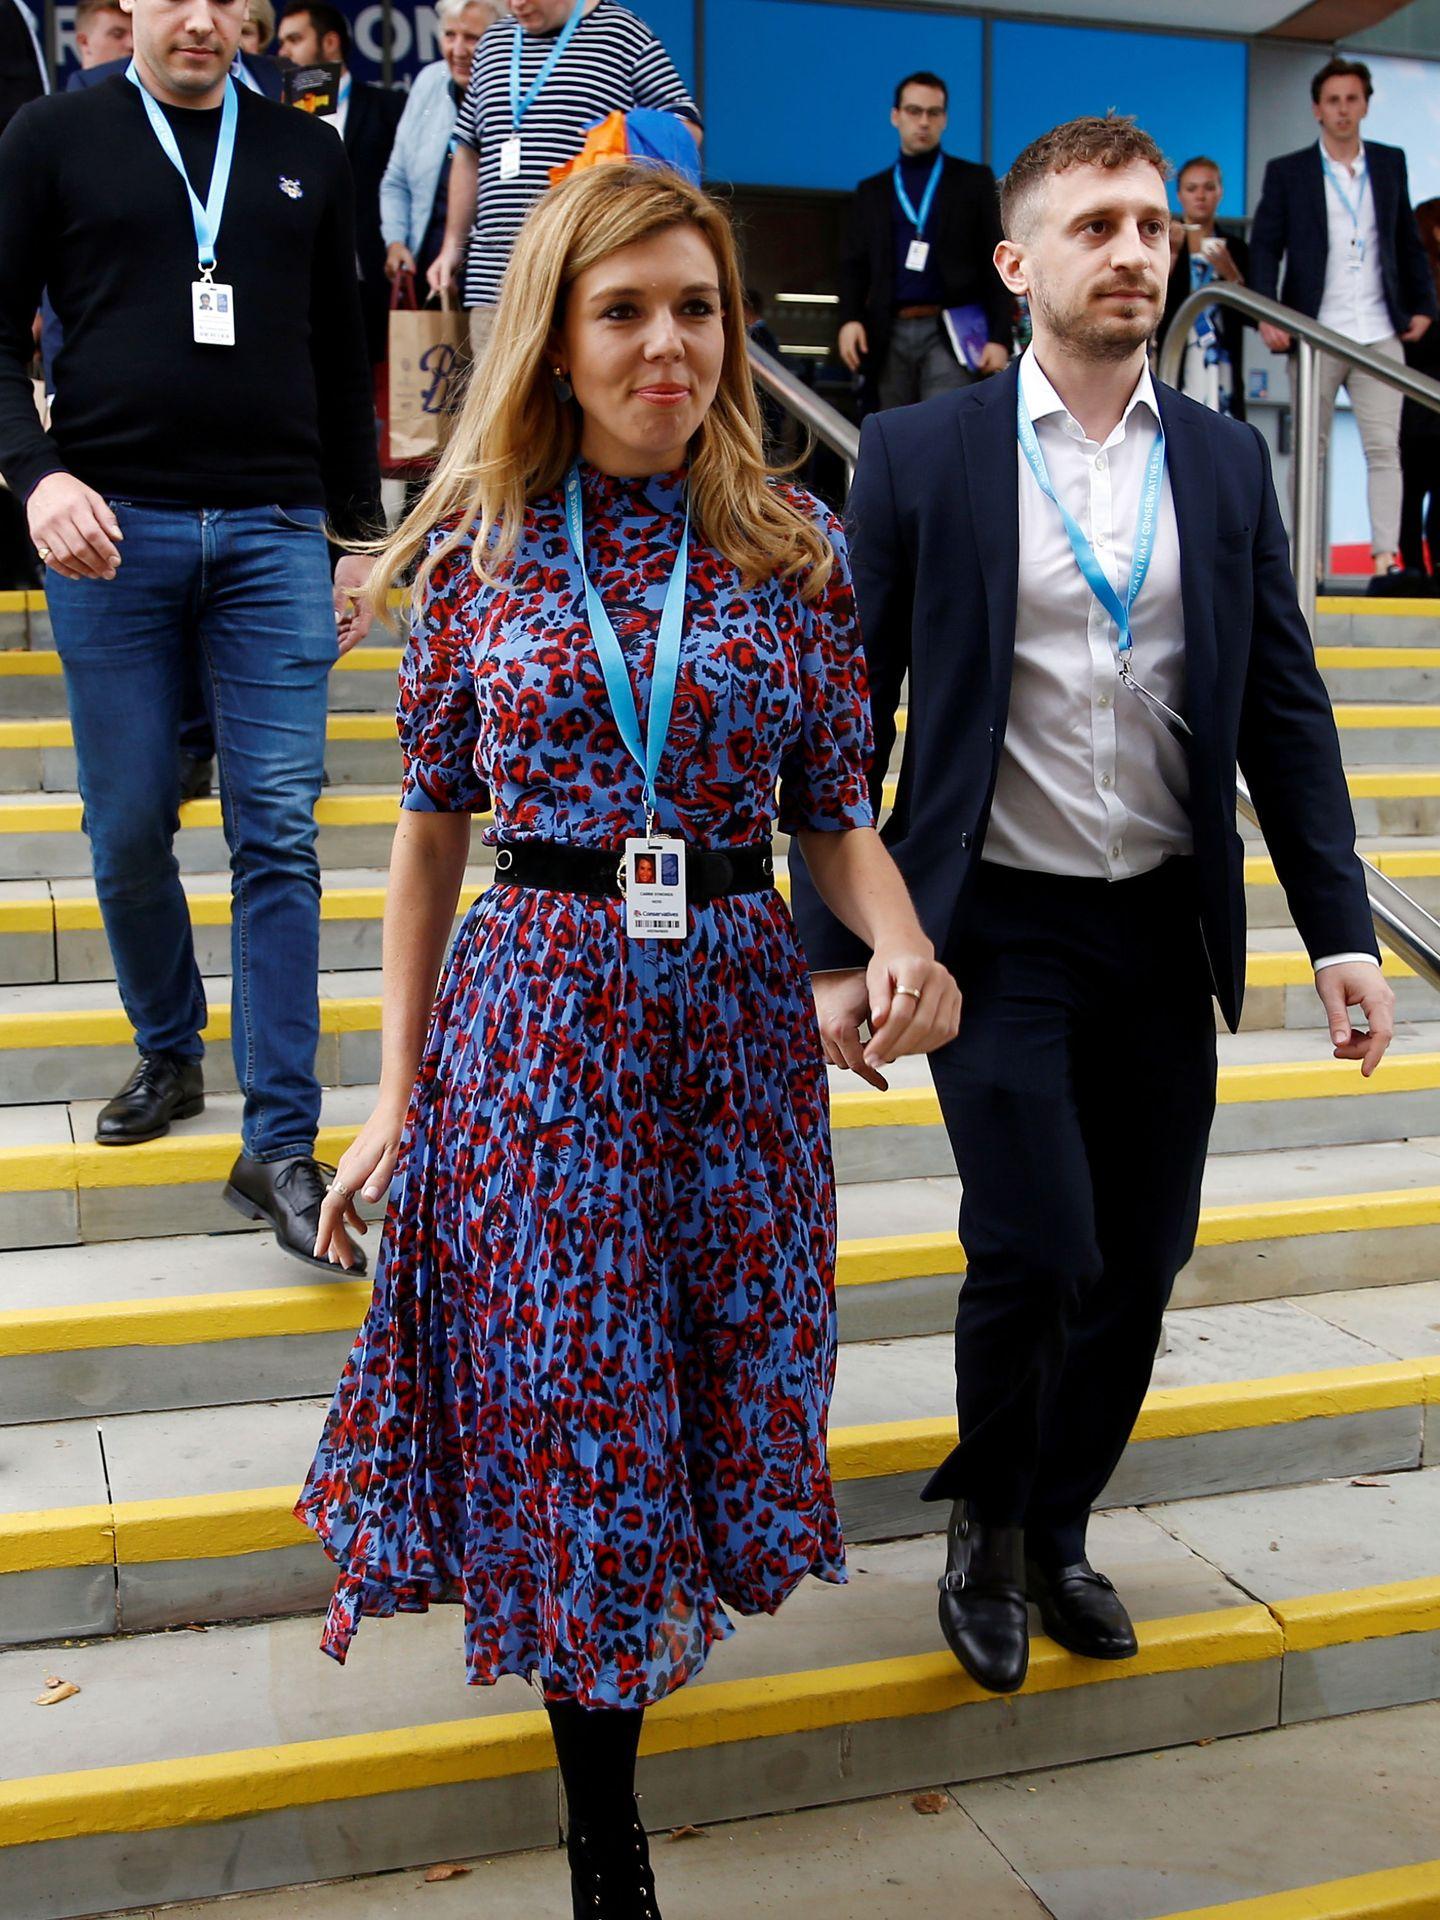 Carrie luciendo un vestido midi, su gran aliado de estilo. (Reuters)